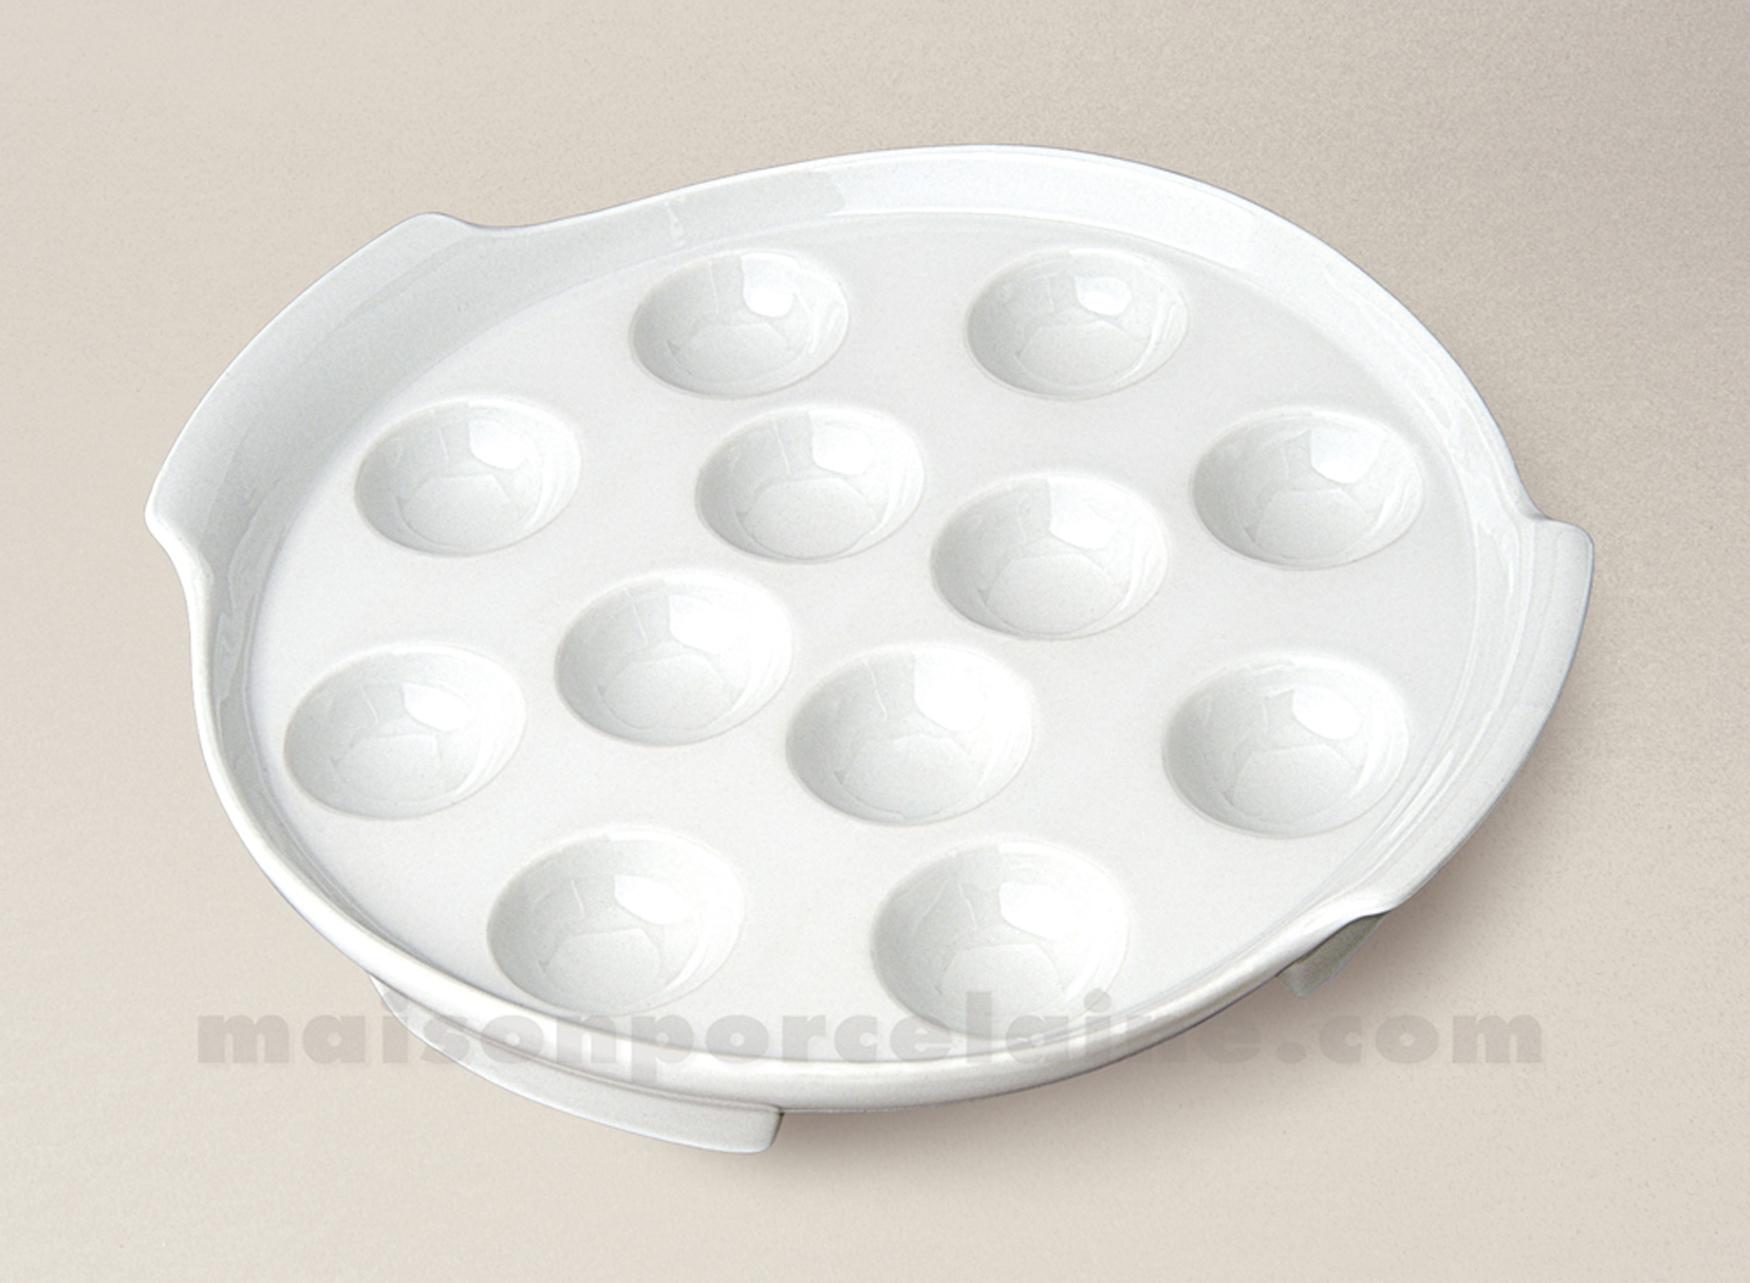 plat escargots rond 12 trous porcelaine blanche culinaire 25x4 maison de la porcelaine. Black Bedroom Furniture Sets. Home Design Ideas